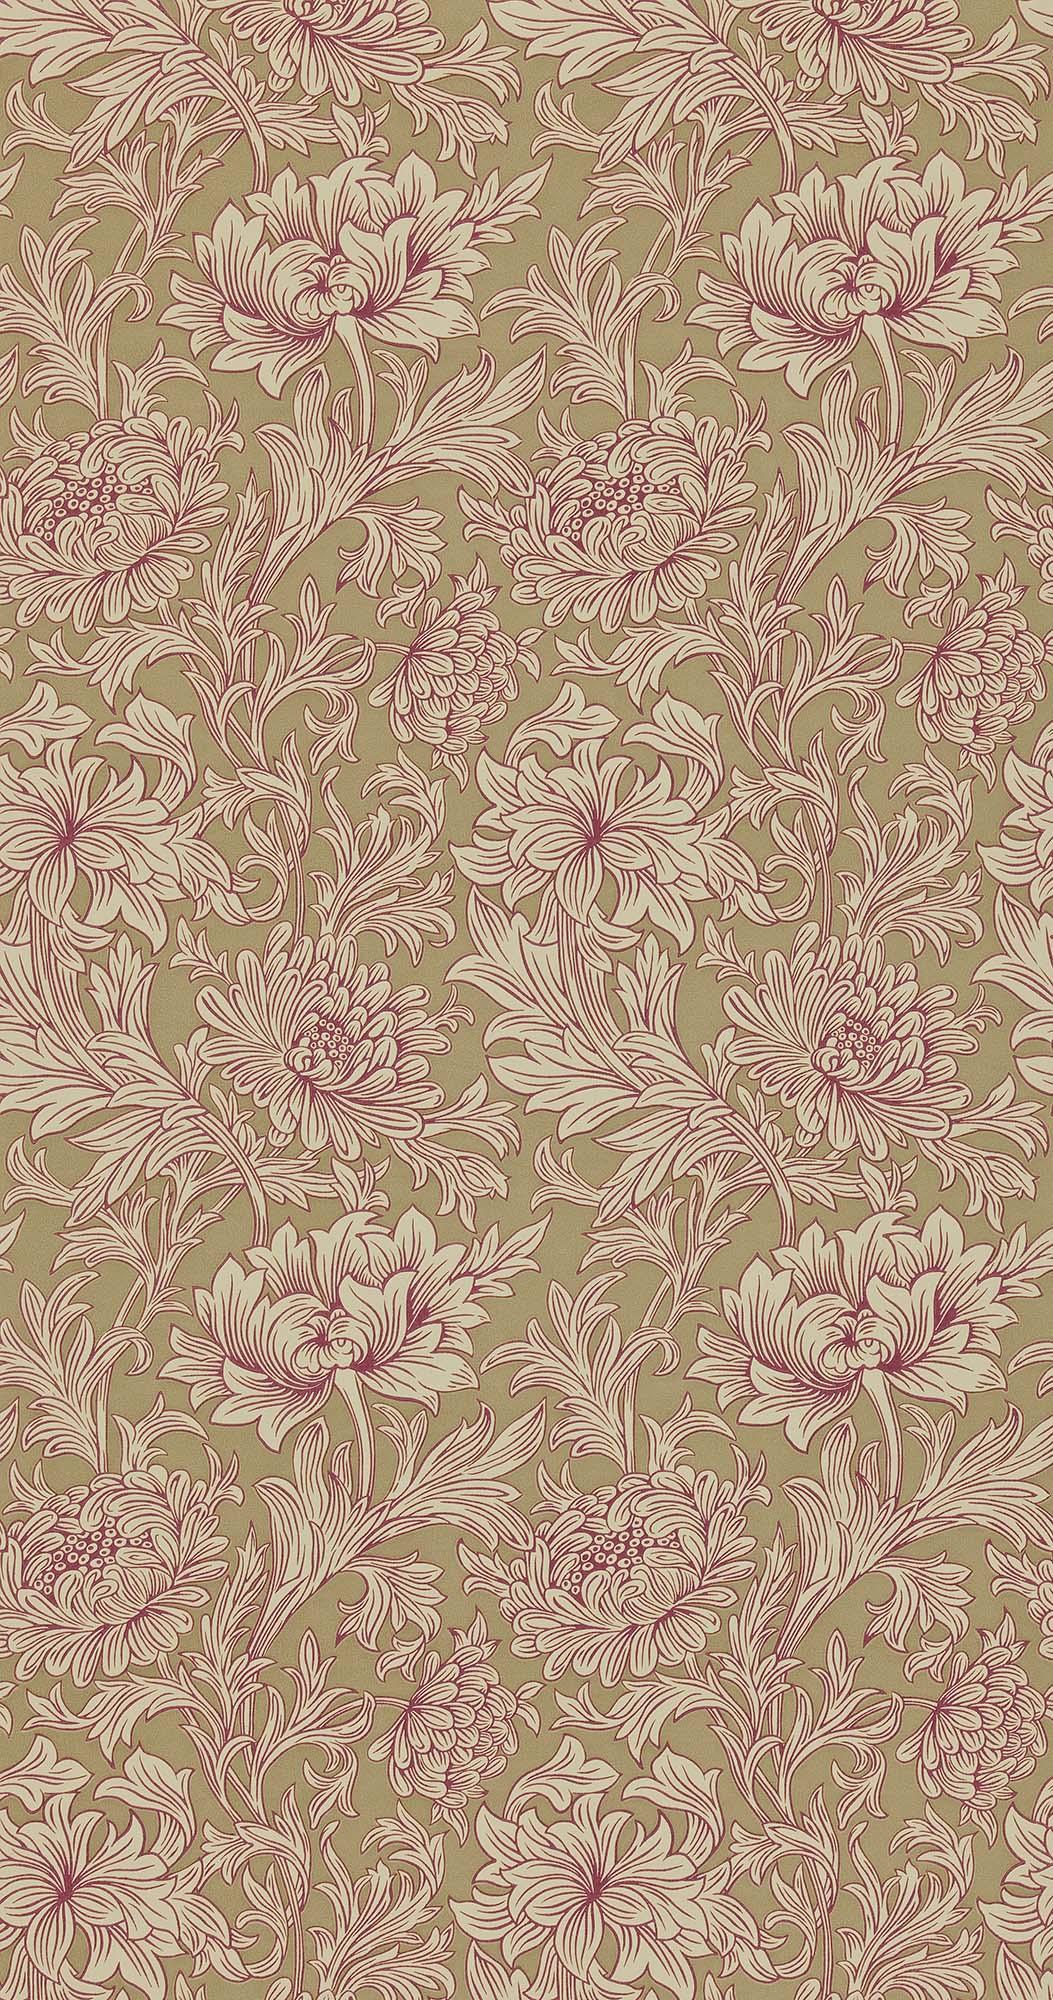 ウィリアムモリス壁紙 Chrysanthemum Toile DMOWCH-102